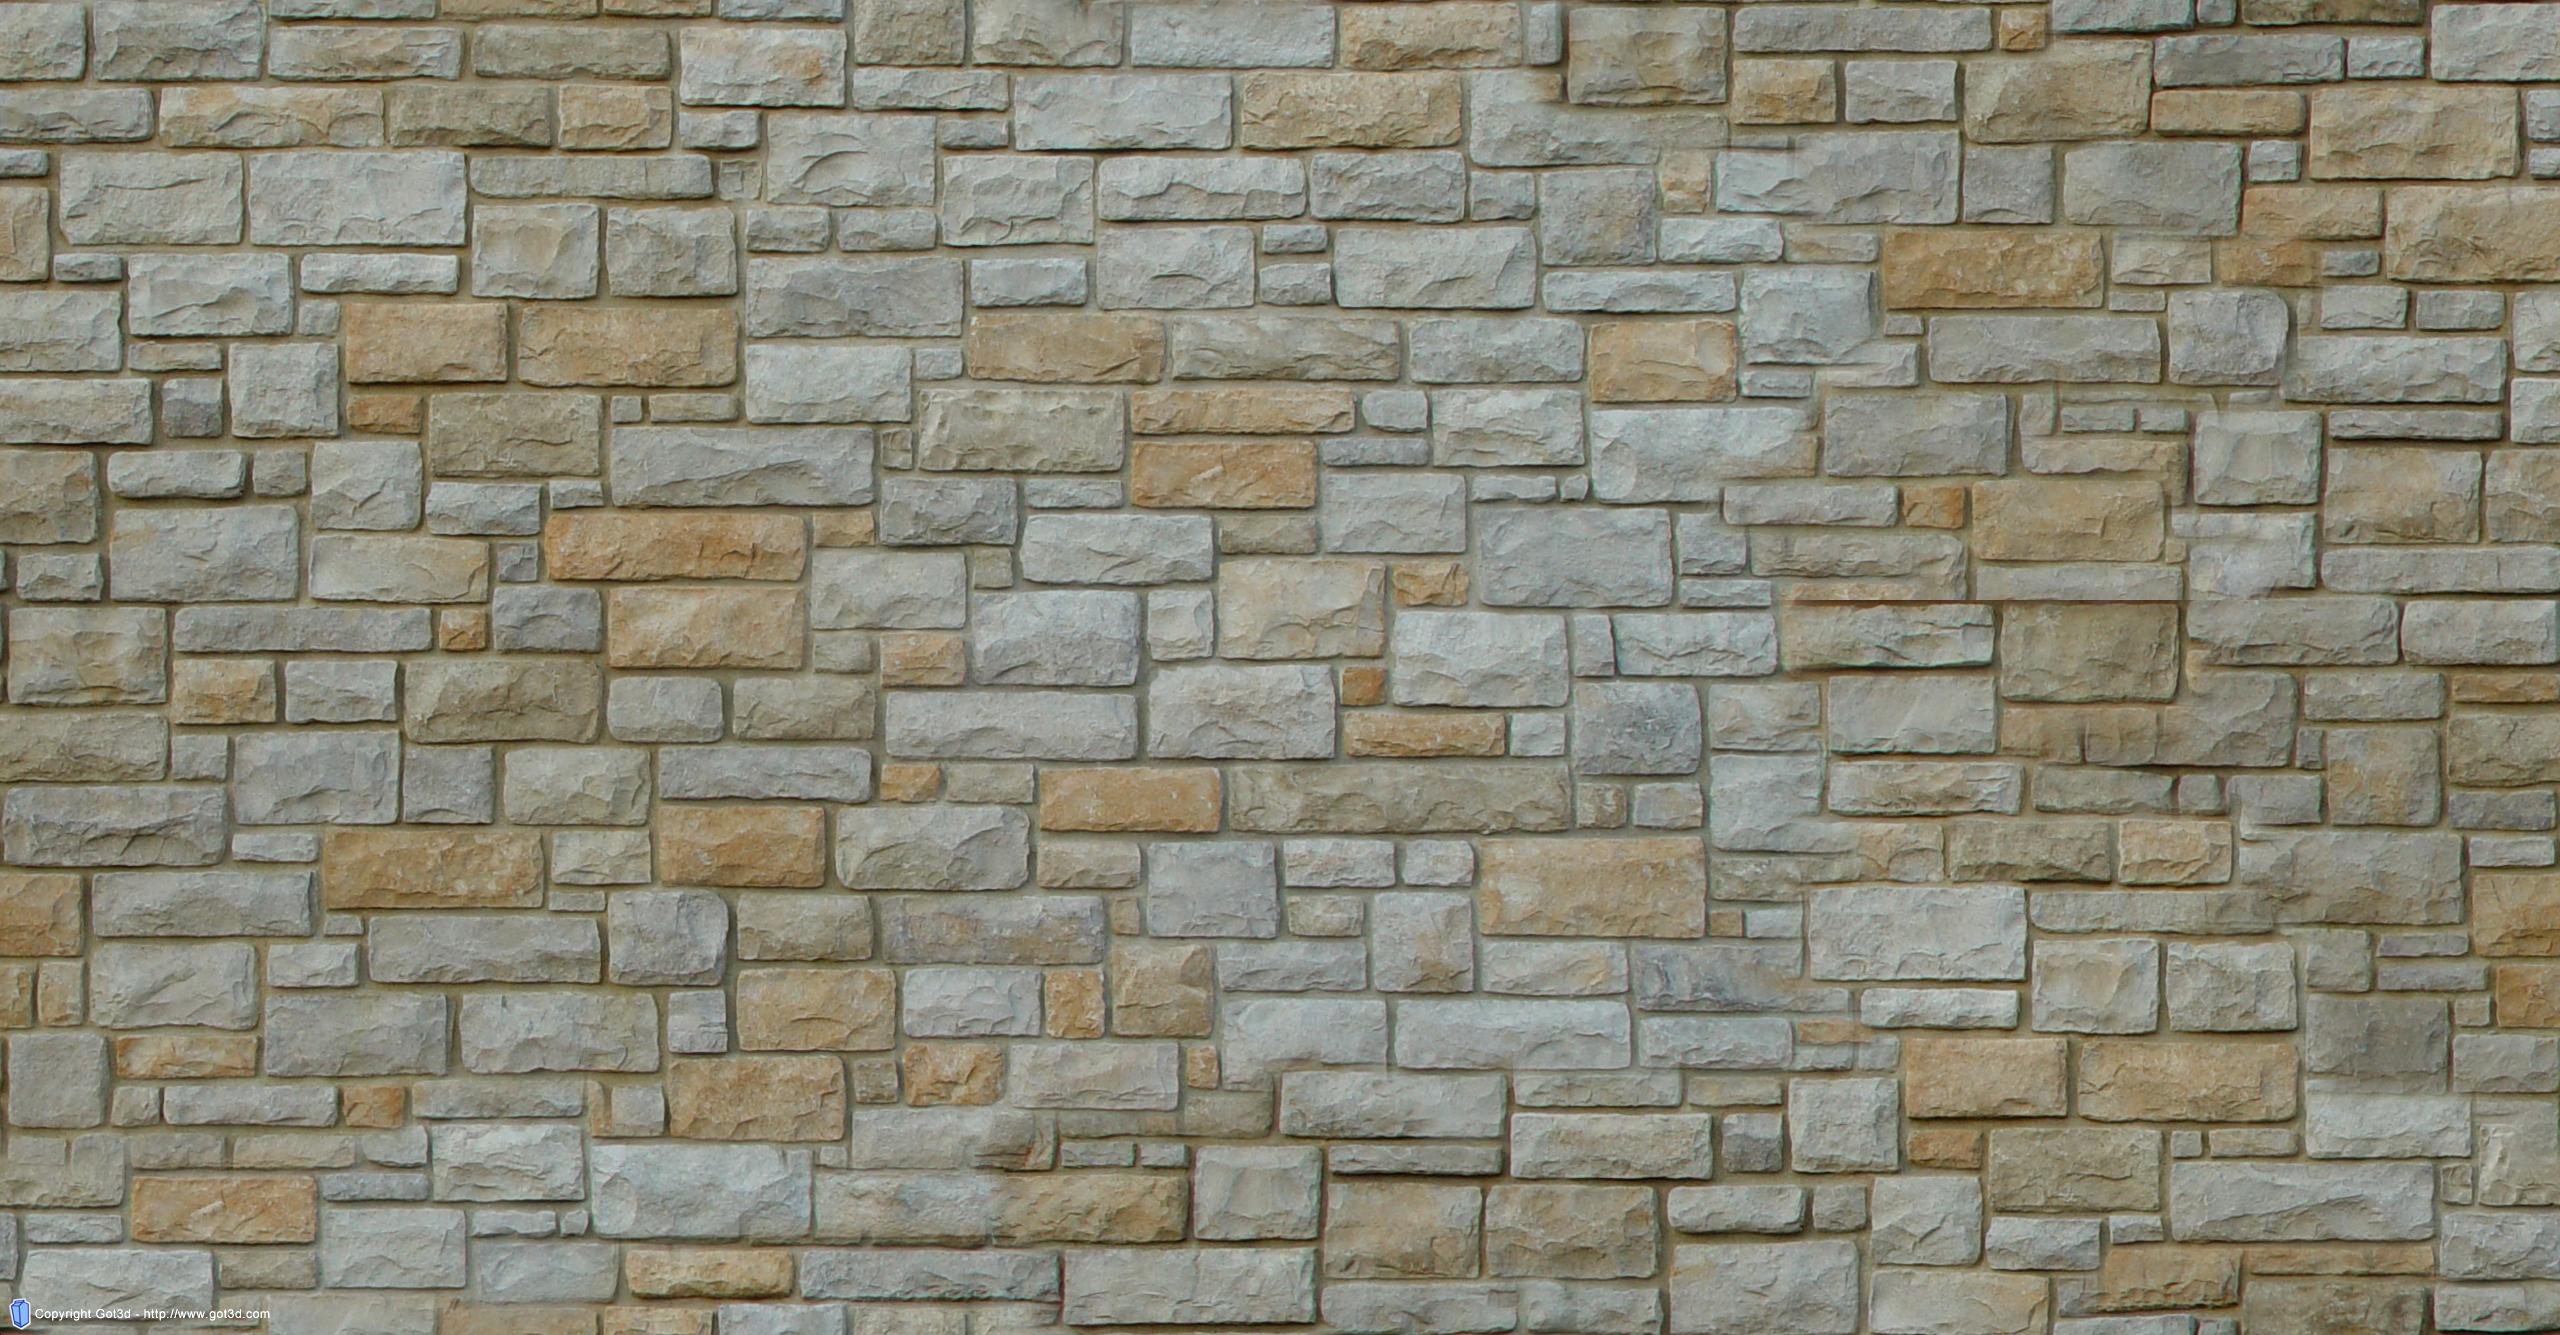 Hd Stone Wallpaper Wallpapersafari